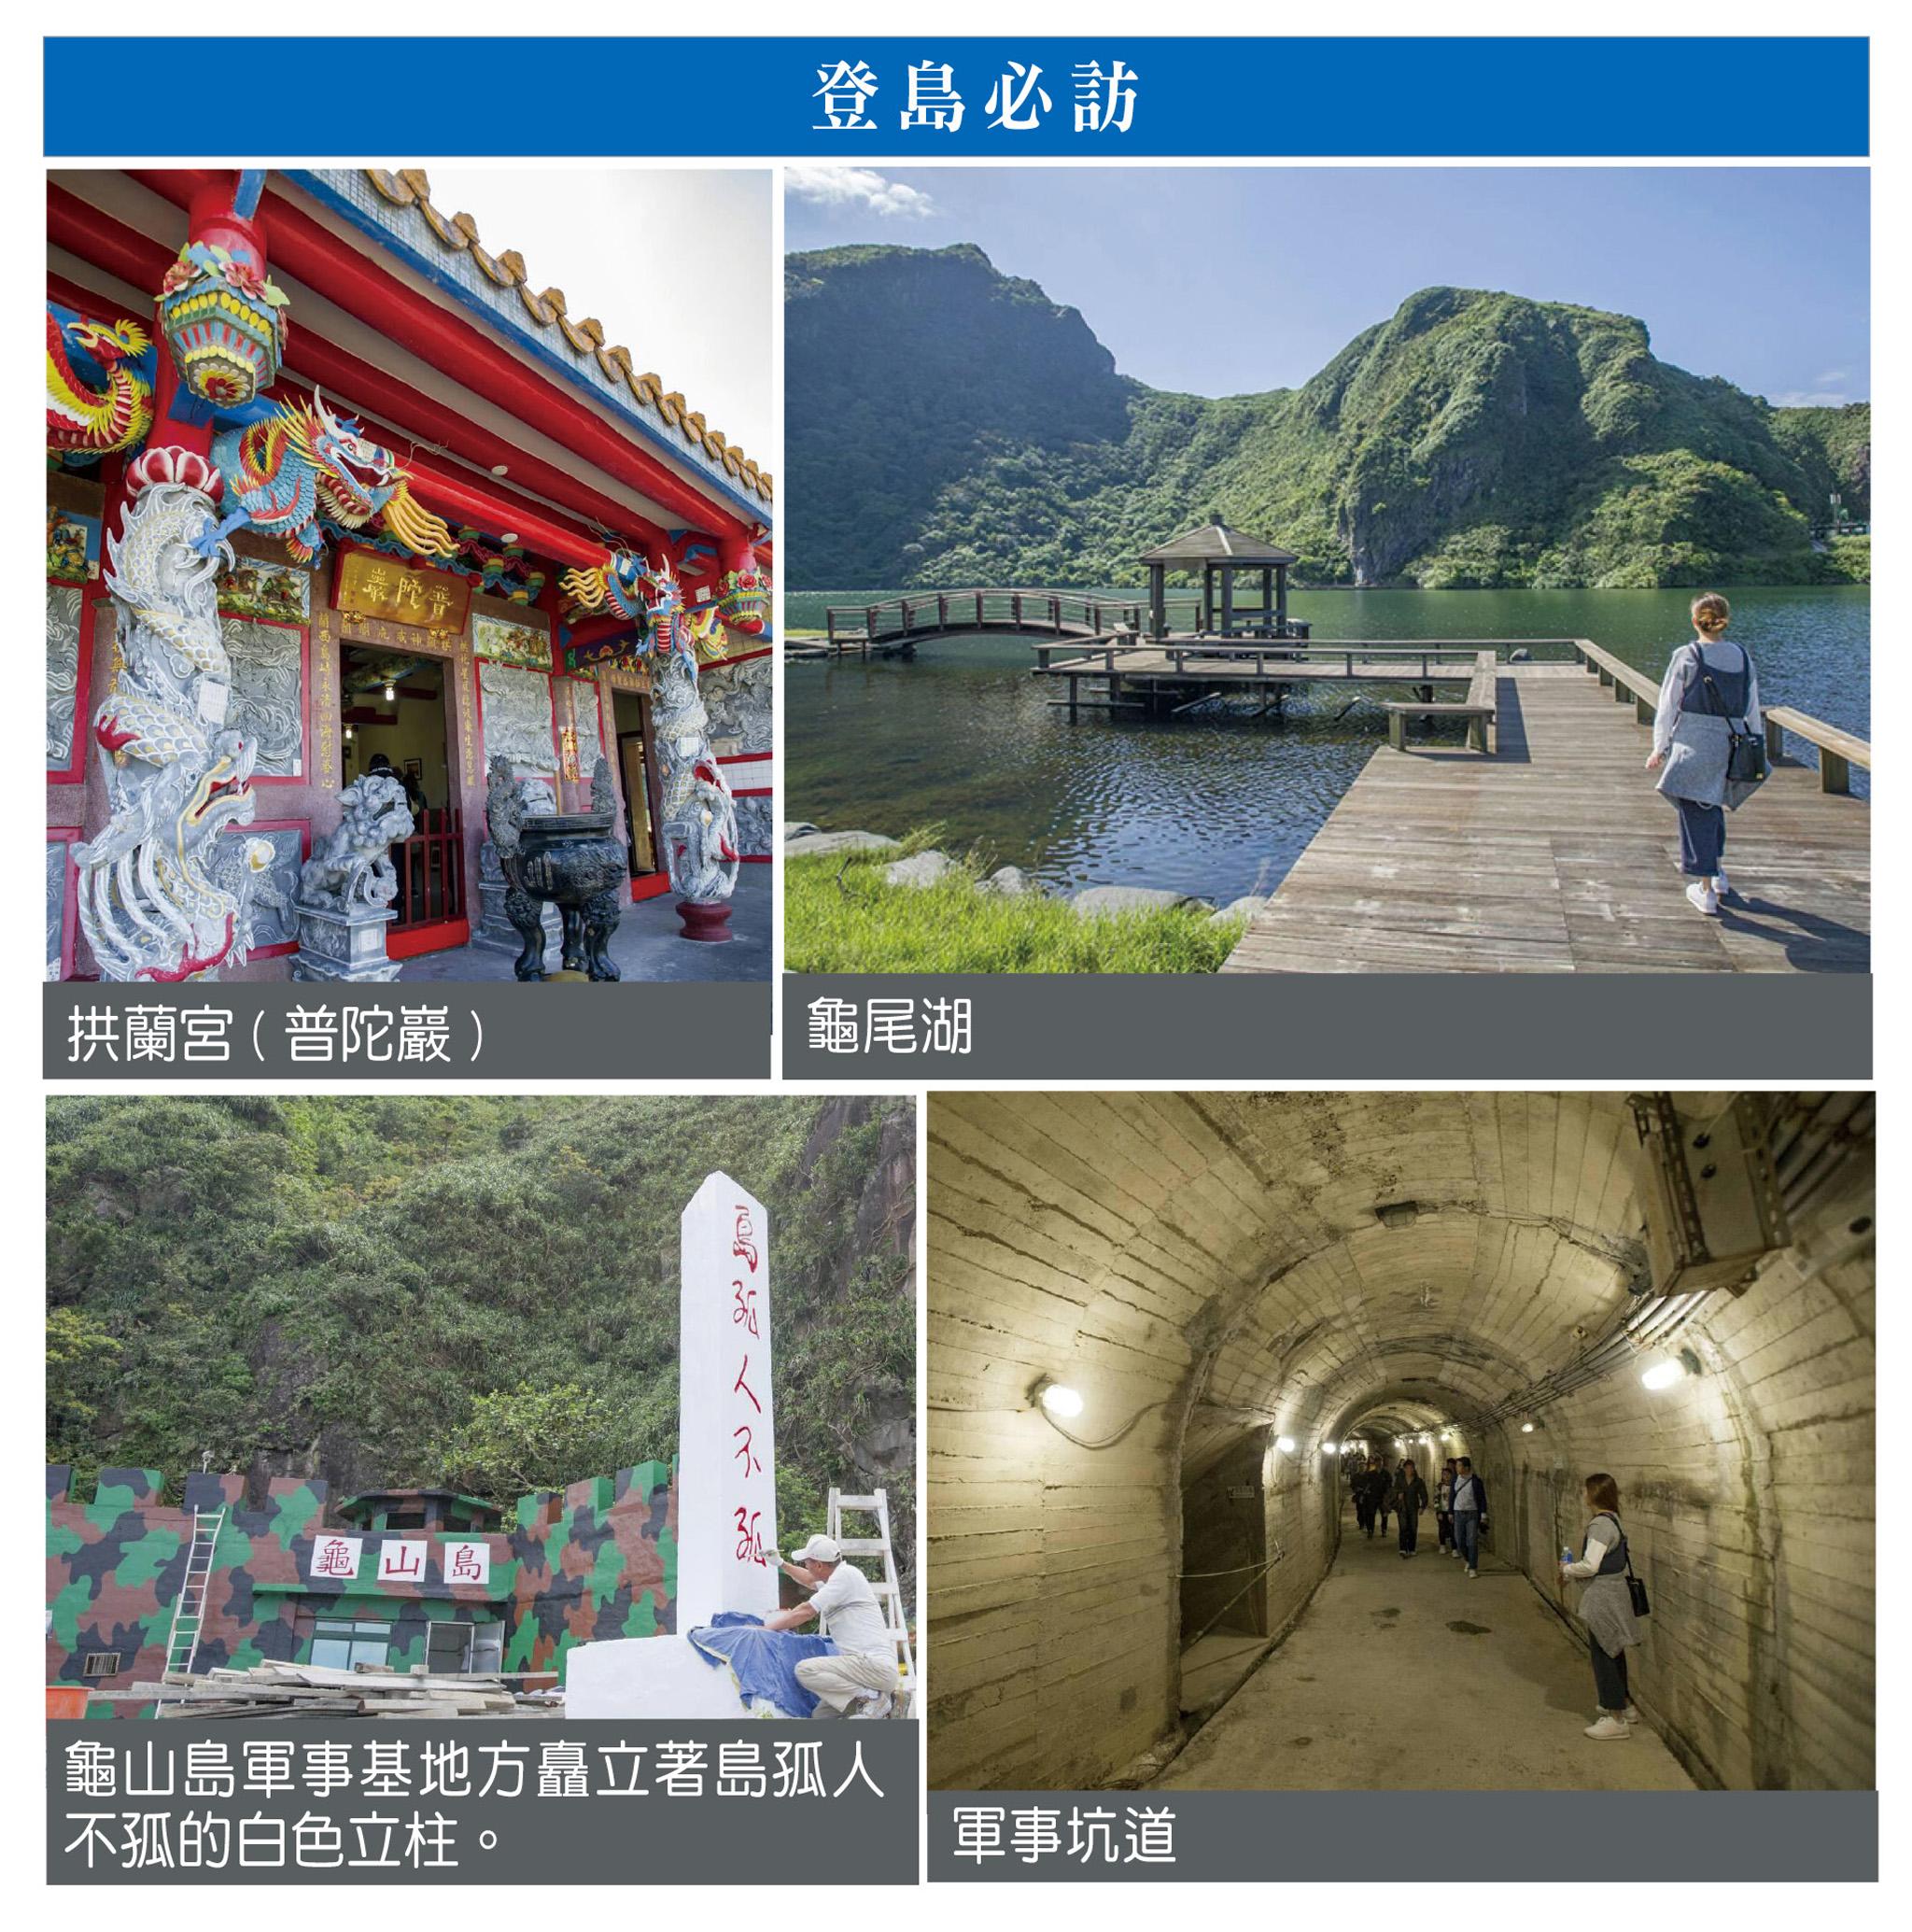 登島必訪:拱蘭宮(左上)、龜尾湖(右上)、基地外豎立著島孤人不孤的白色立柱(左下)、軍事坑道(右下)。